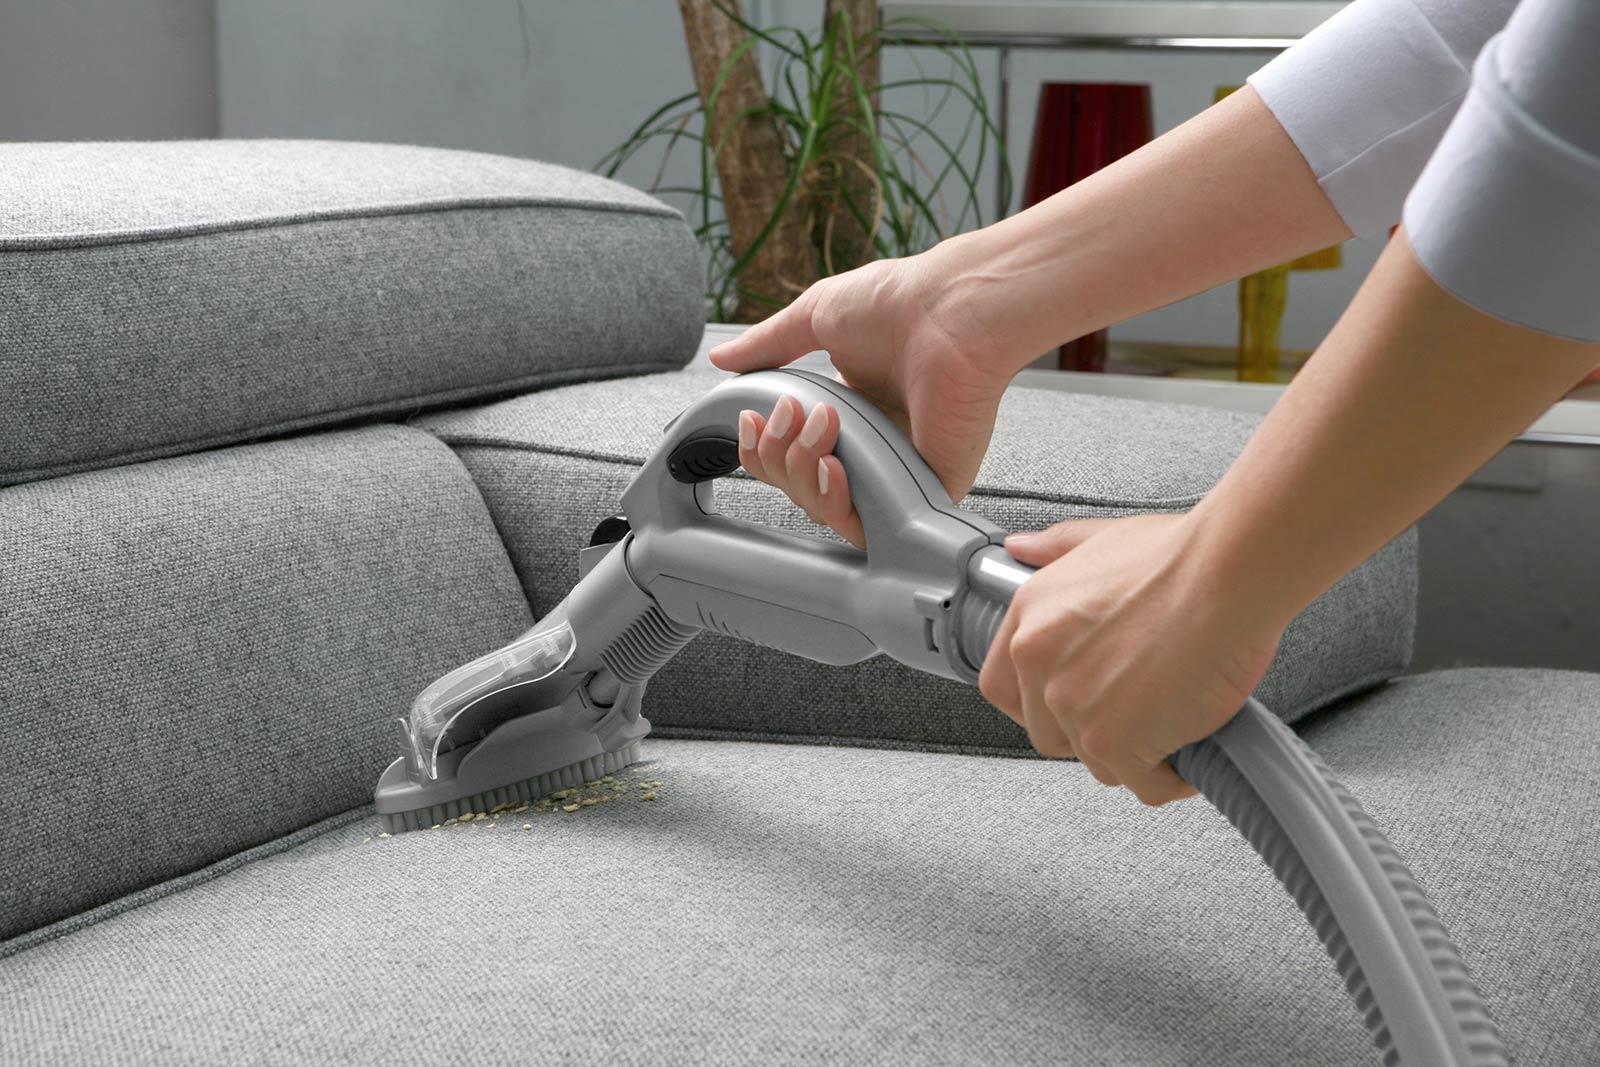 Apa Manfaat Layanan Pembersihan Sofa Profesional?